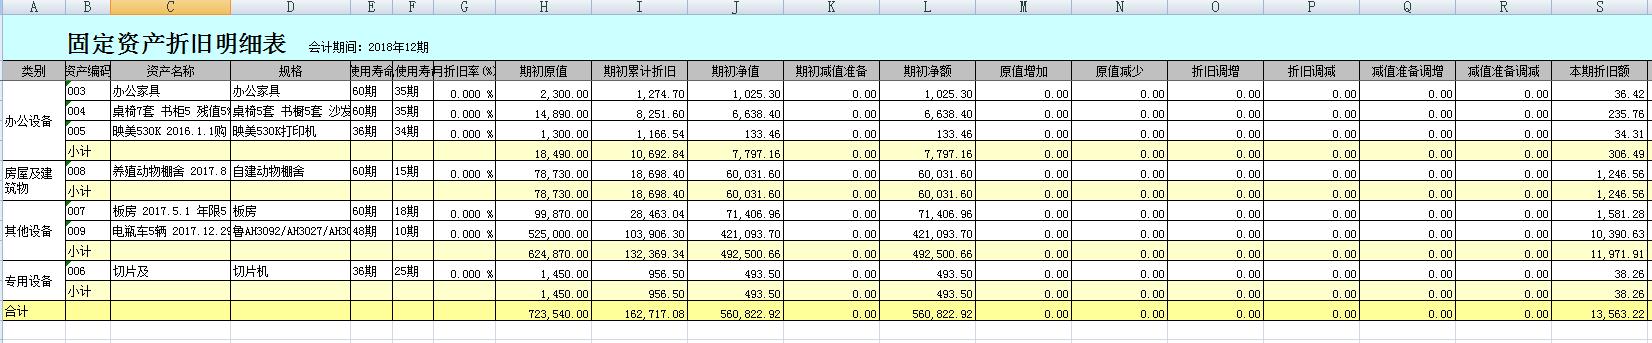 标准版10.0升级专业版15.1后固定资产问题